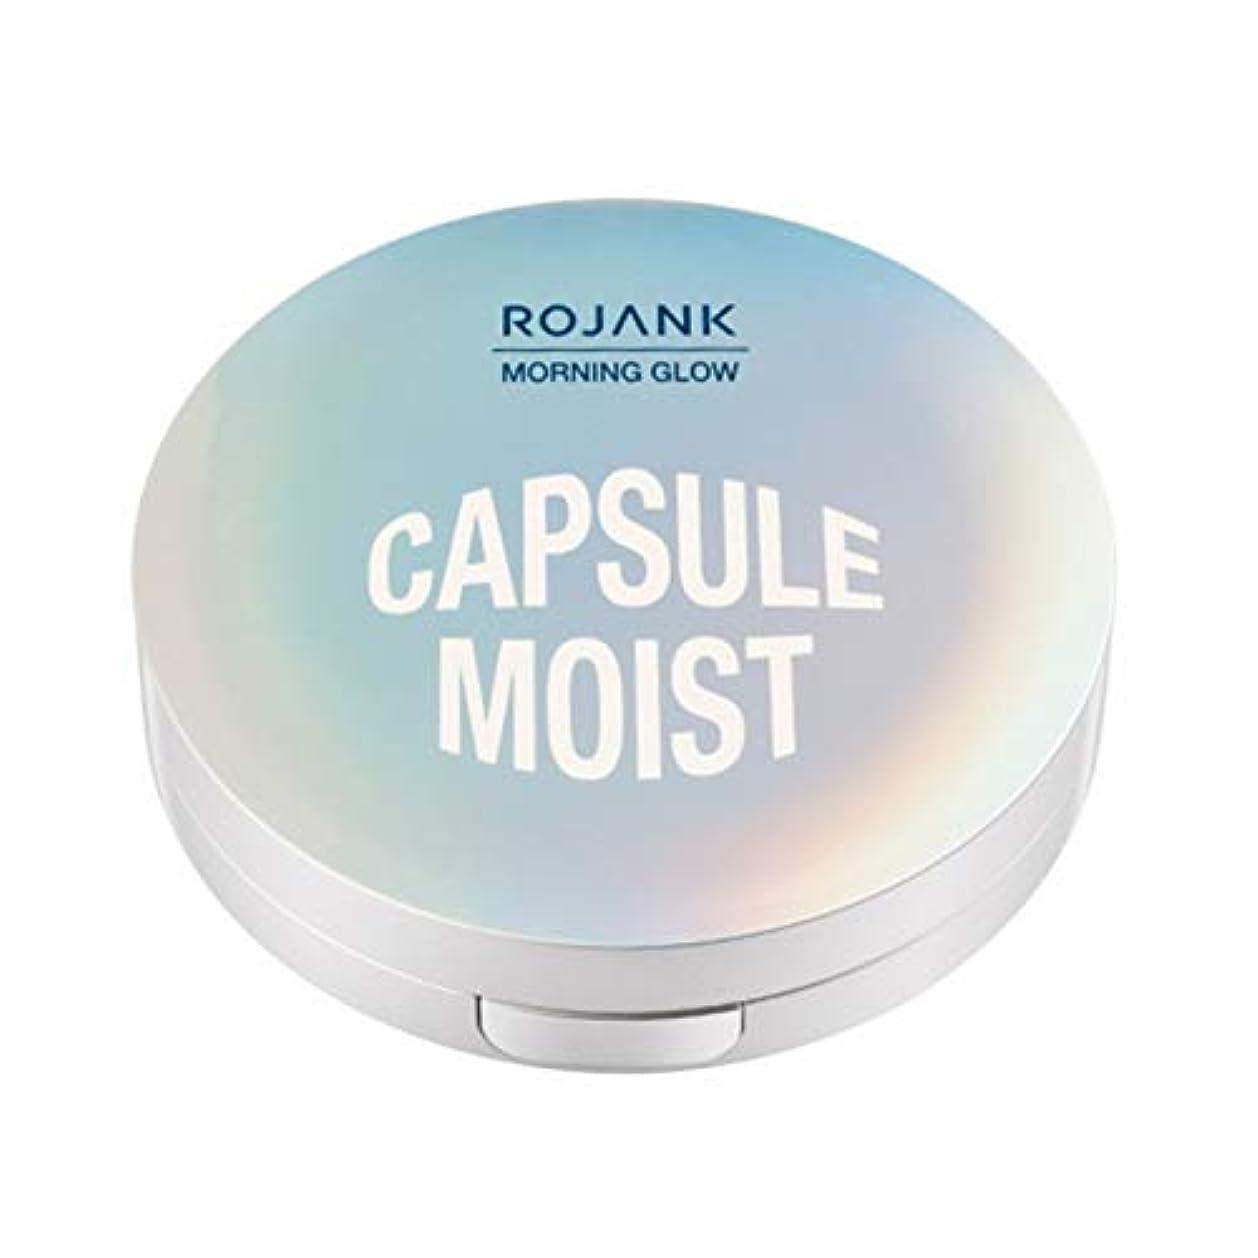 意識を除く追跡[ROJANK/ロジャンク] Morning Glow Capsule Moist BB #21 / モーニンググローカプセルモイストBB #21 14g Skingarden/スキンガーデン (#21.Light Beige...